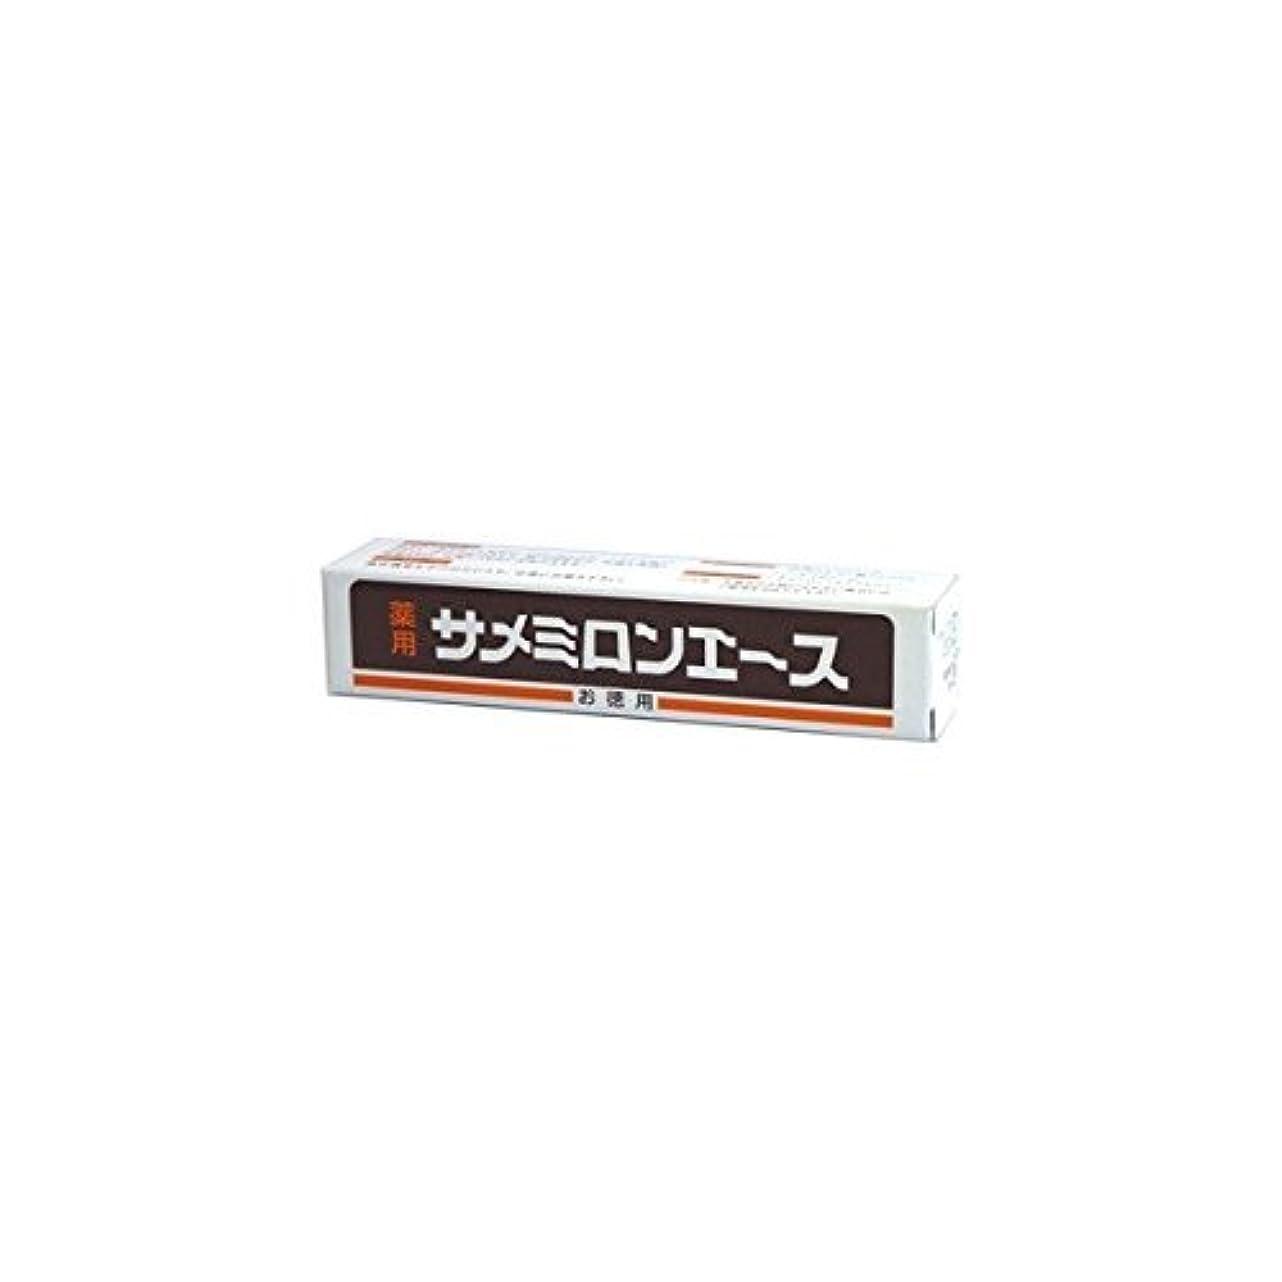 タブレット確執援助薬用 サメミロンエース 20ml入り 2個 スクアレン配合